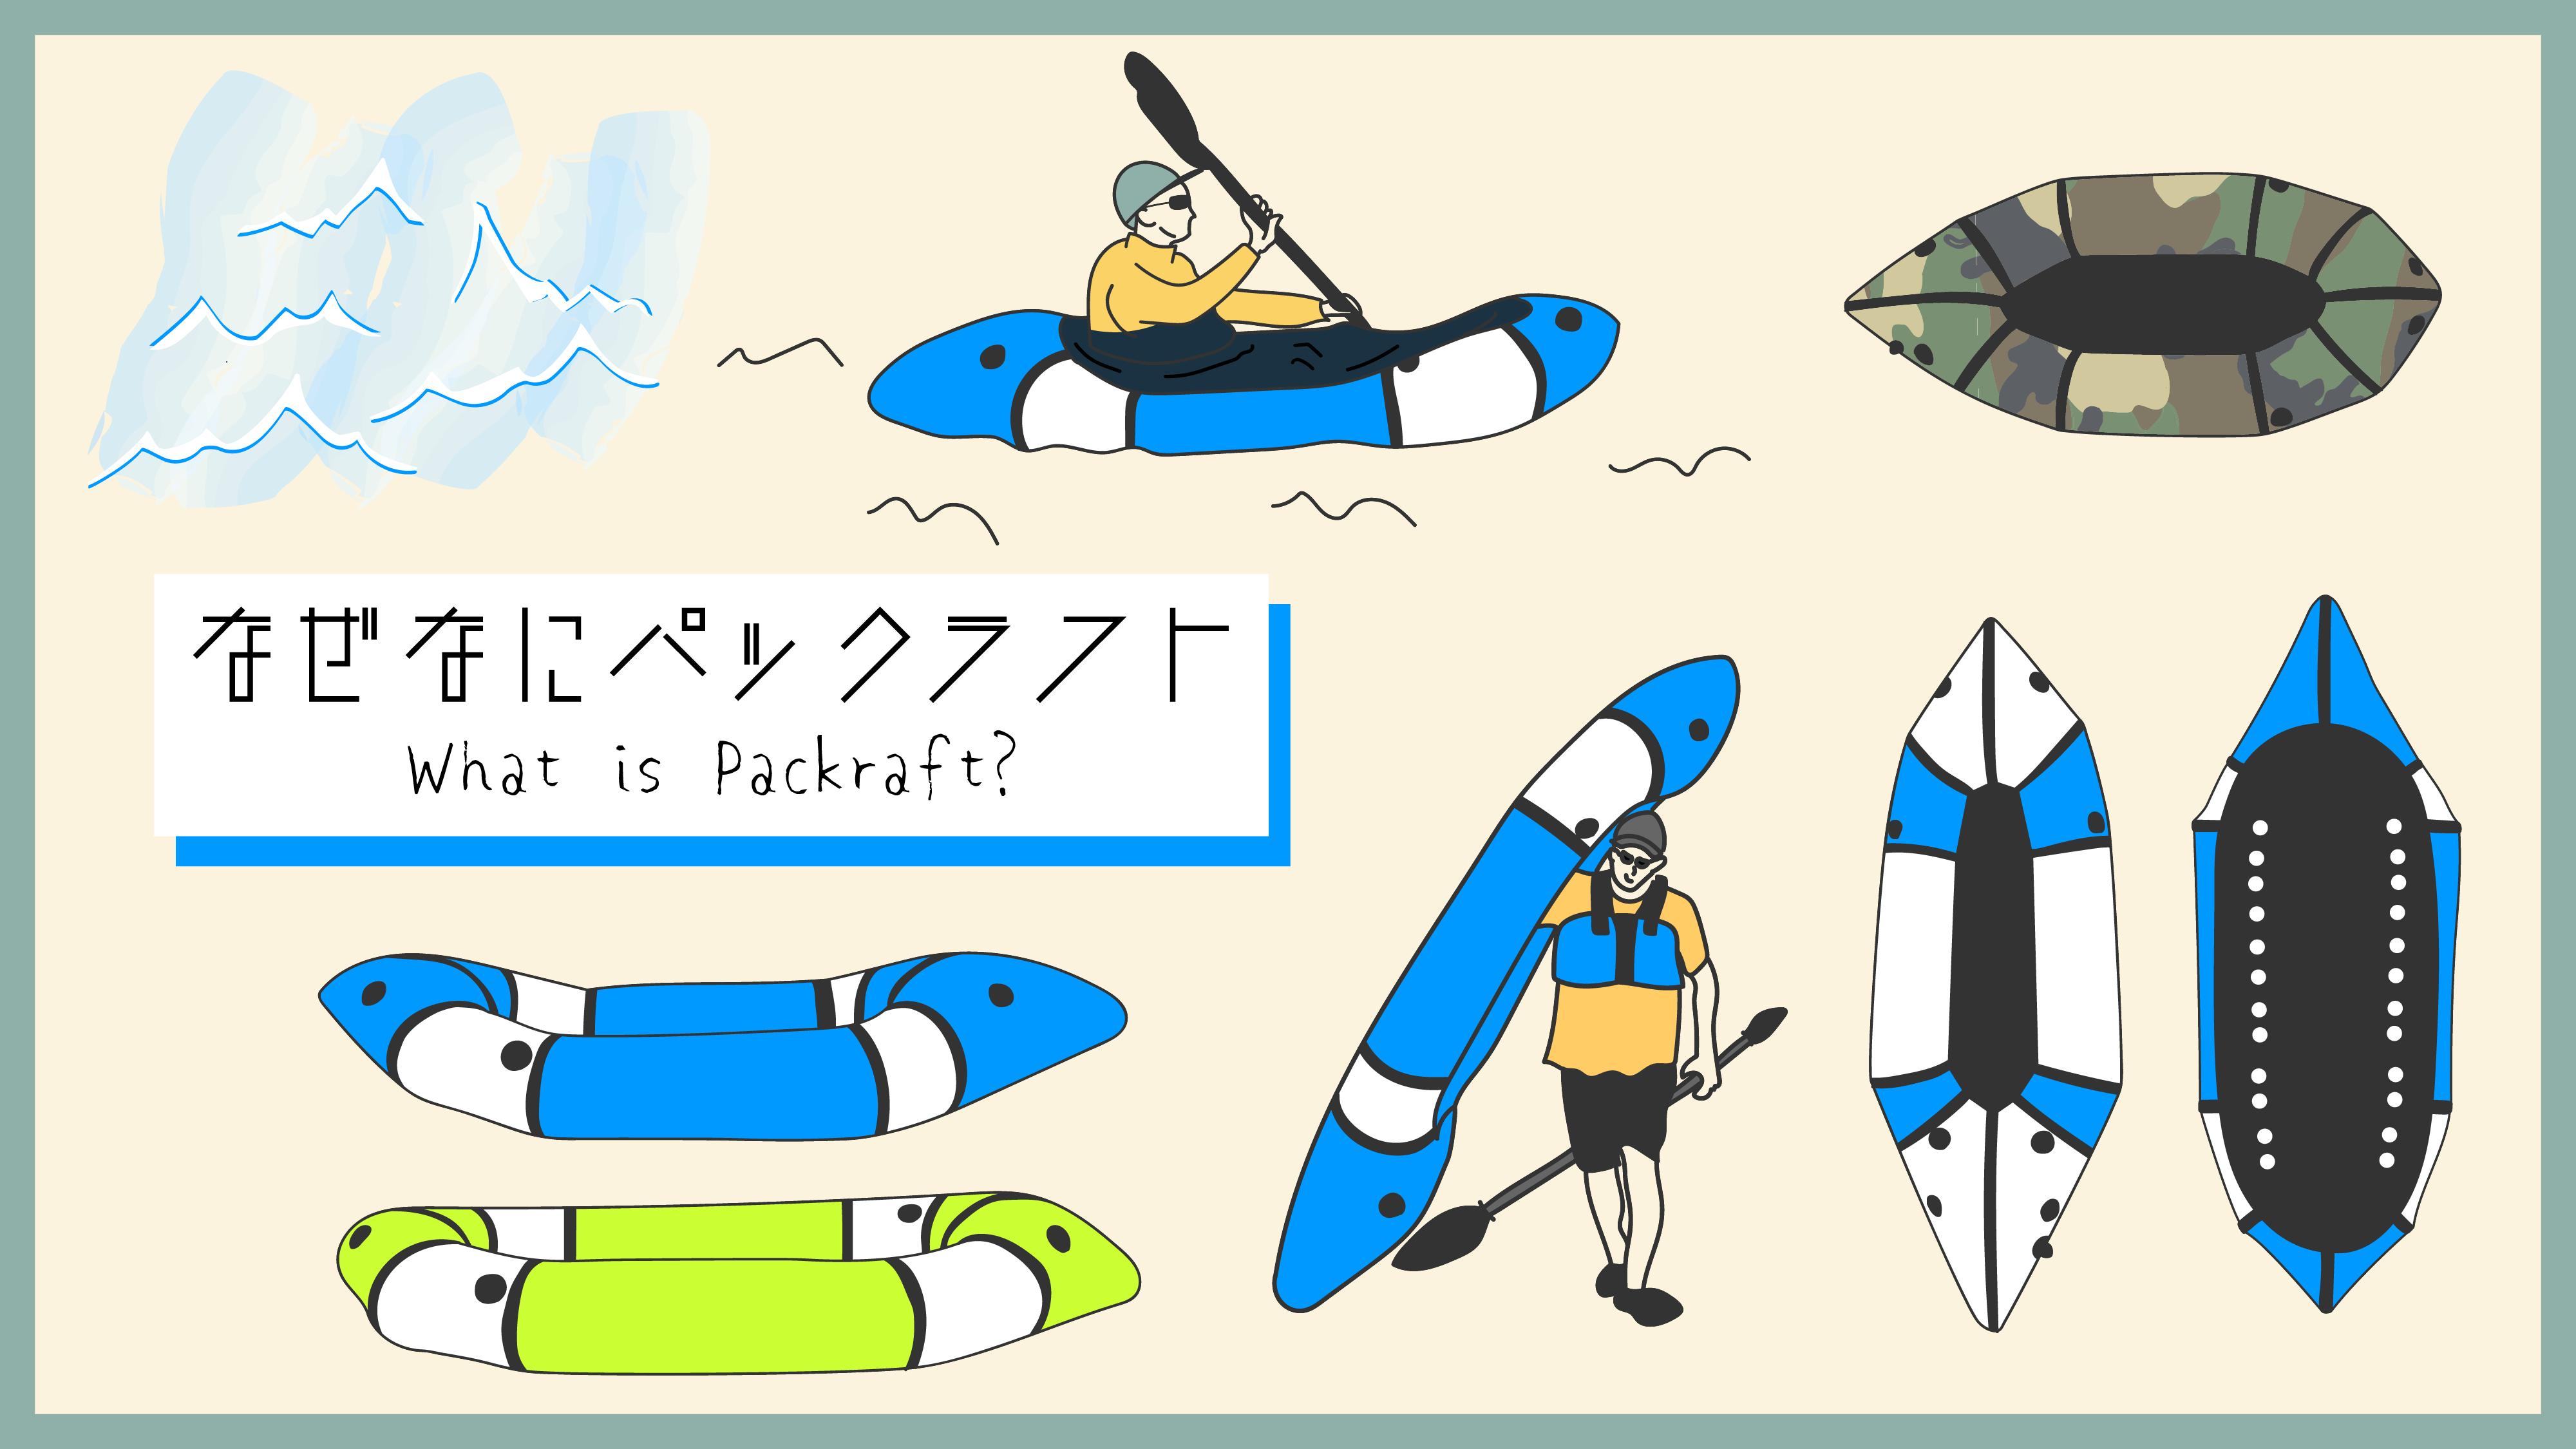 【パックラフトキャンプの始め方】セルフベイラー?ロッカー?ポーテージ?スプレーデッキ?パックラフトの用語の簡単解説